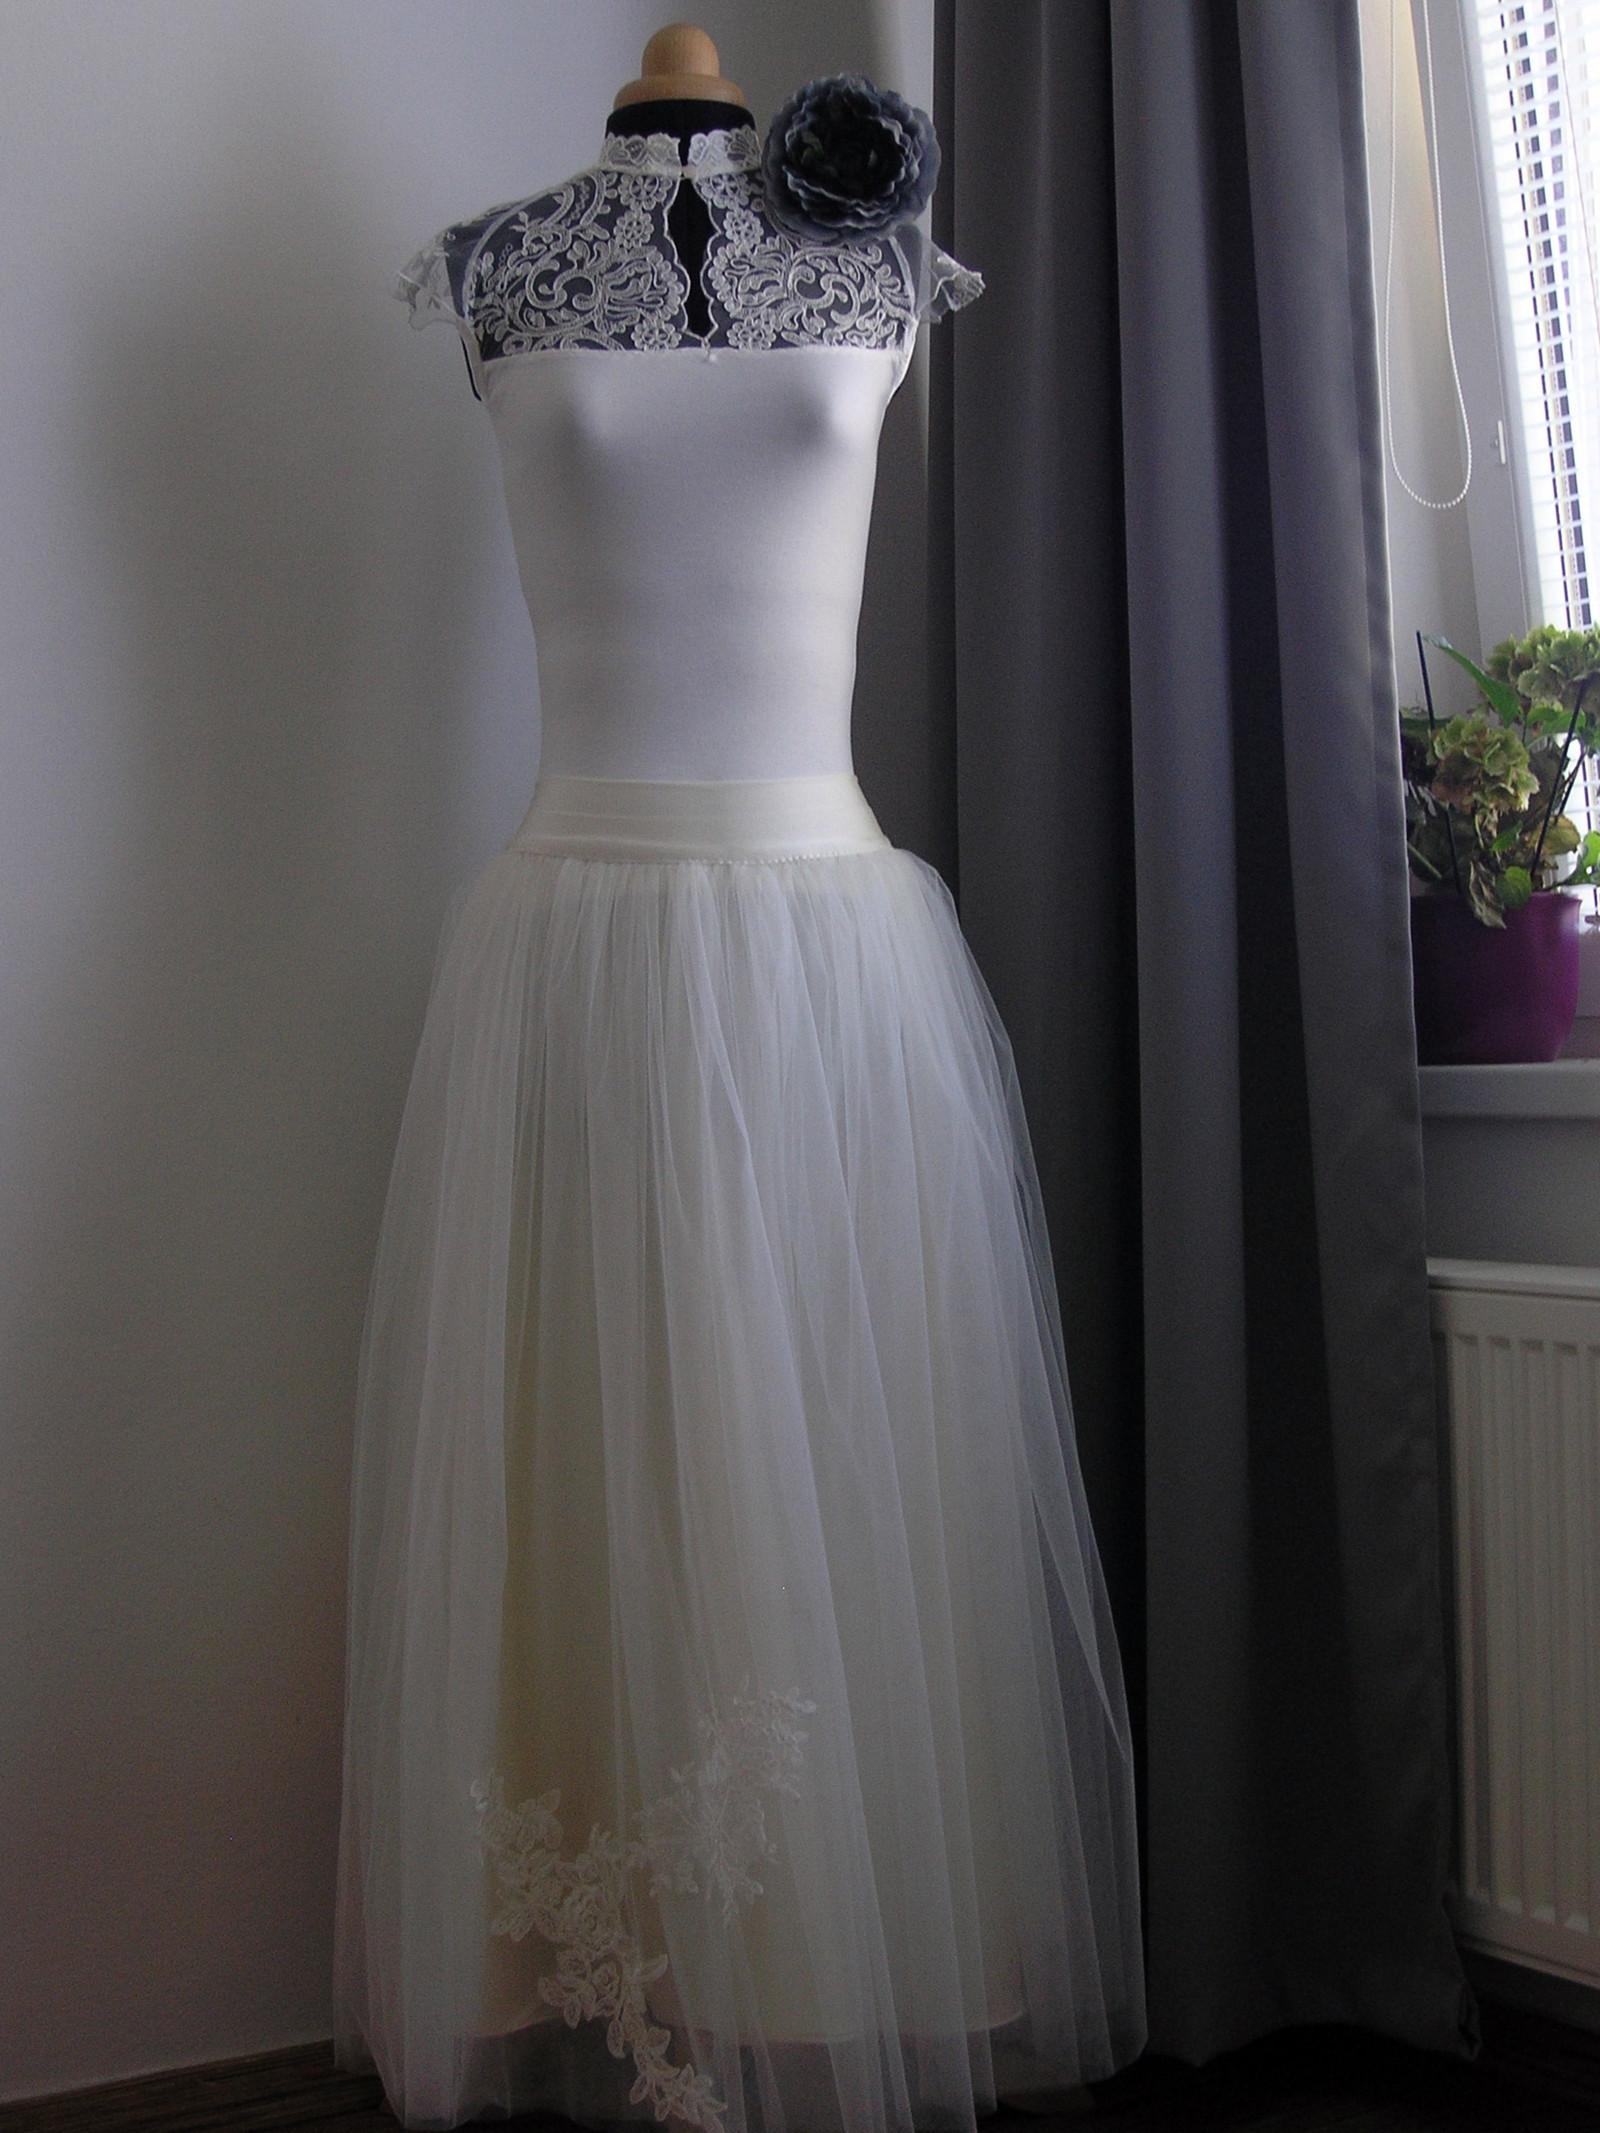 8cd2dc064d6 Ivory tylová sukně + svatební top s krajkou   Zboží prodejce ceasara ...